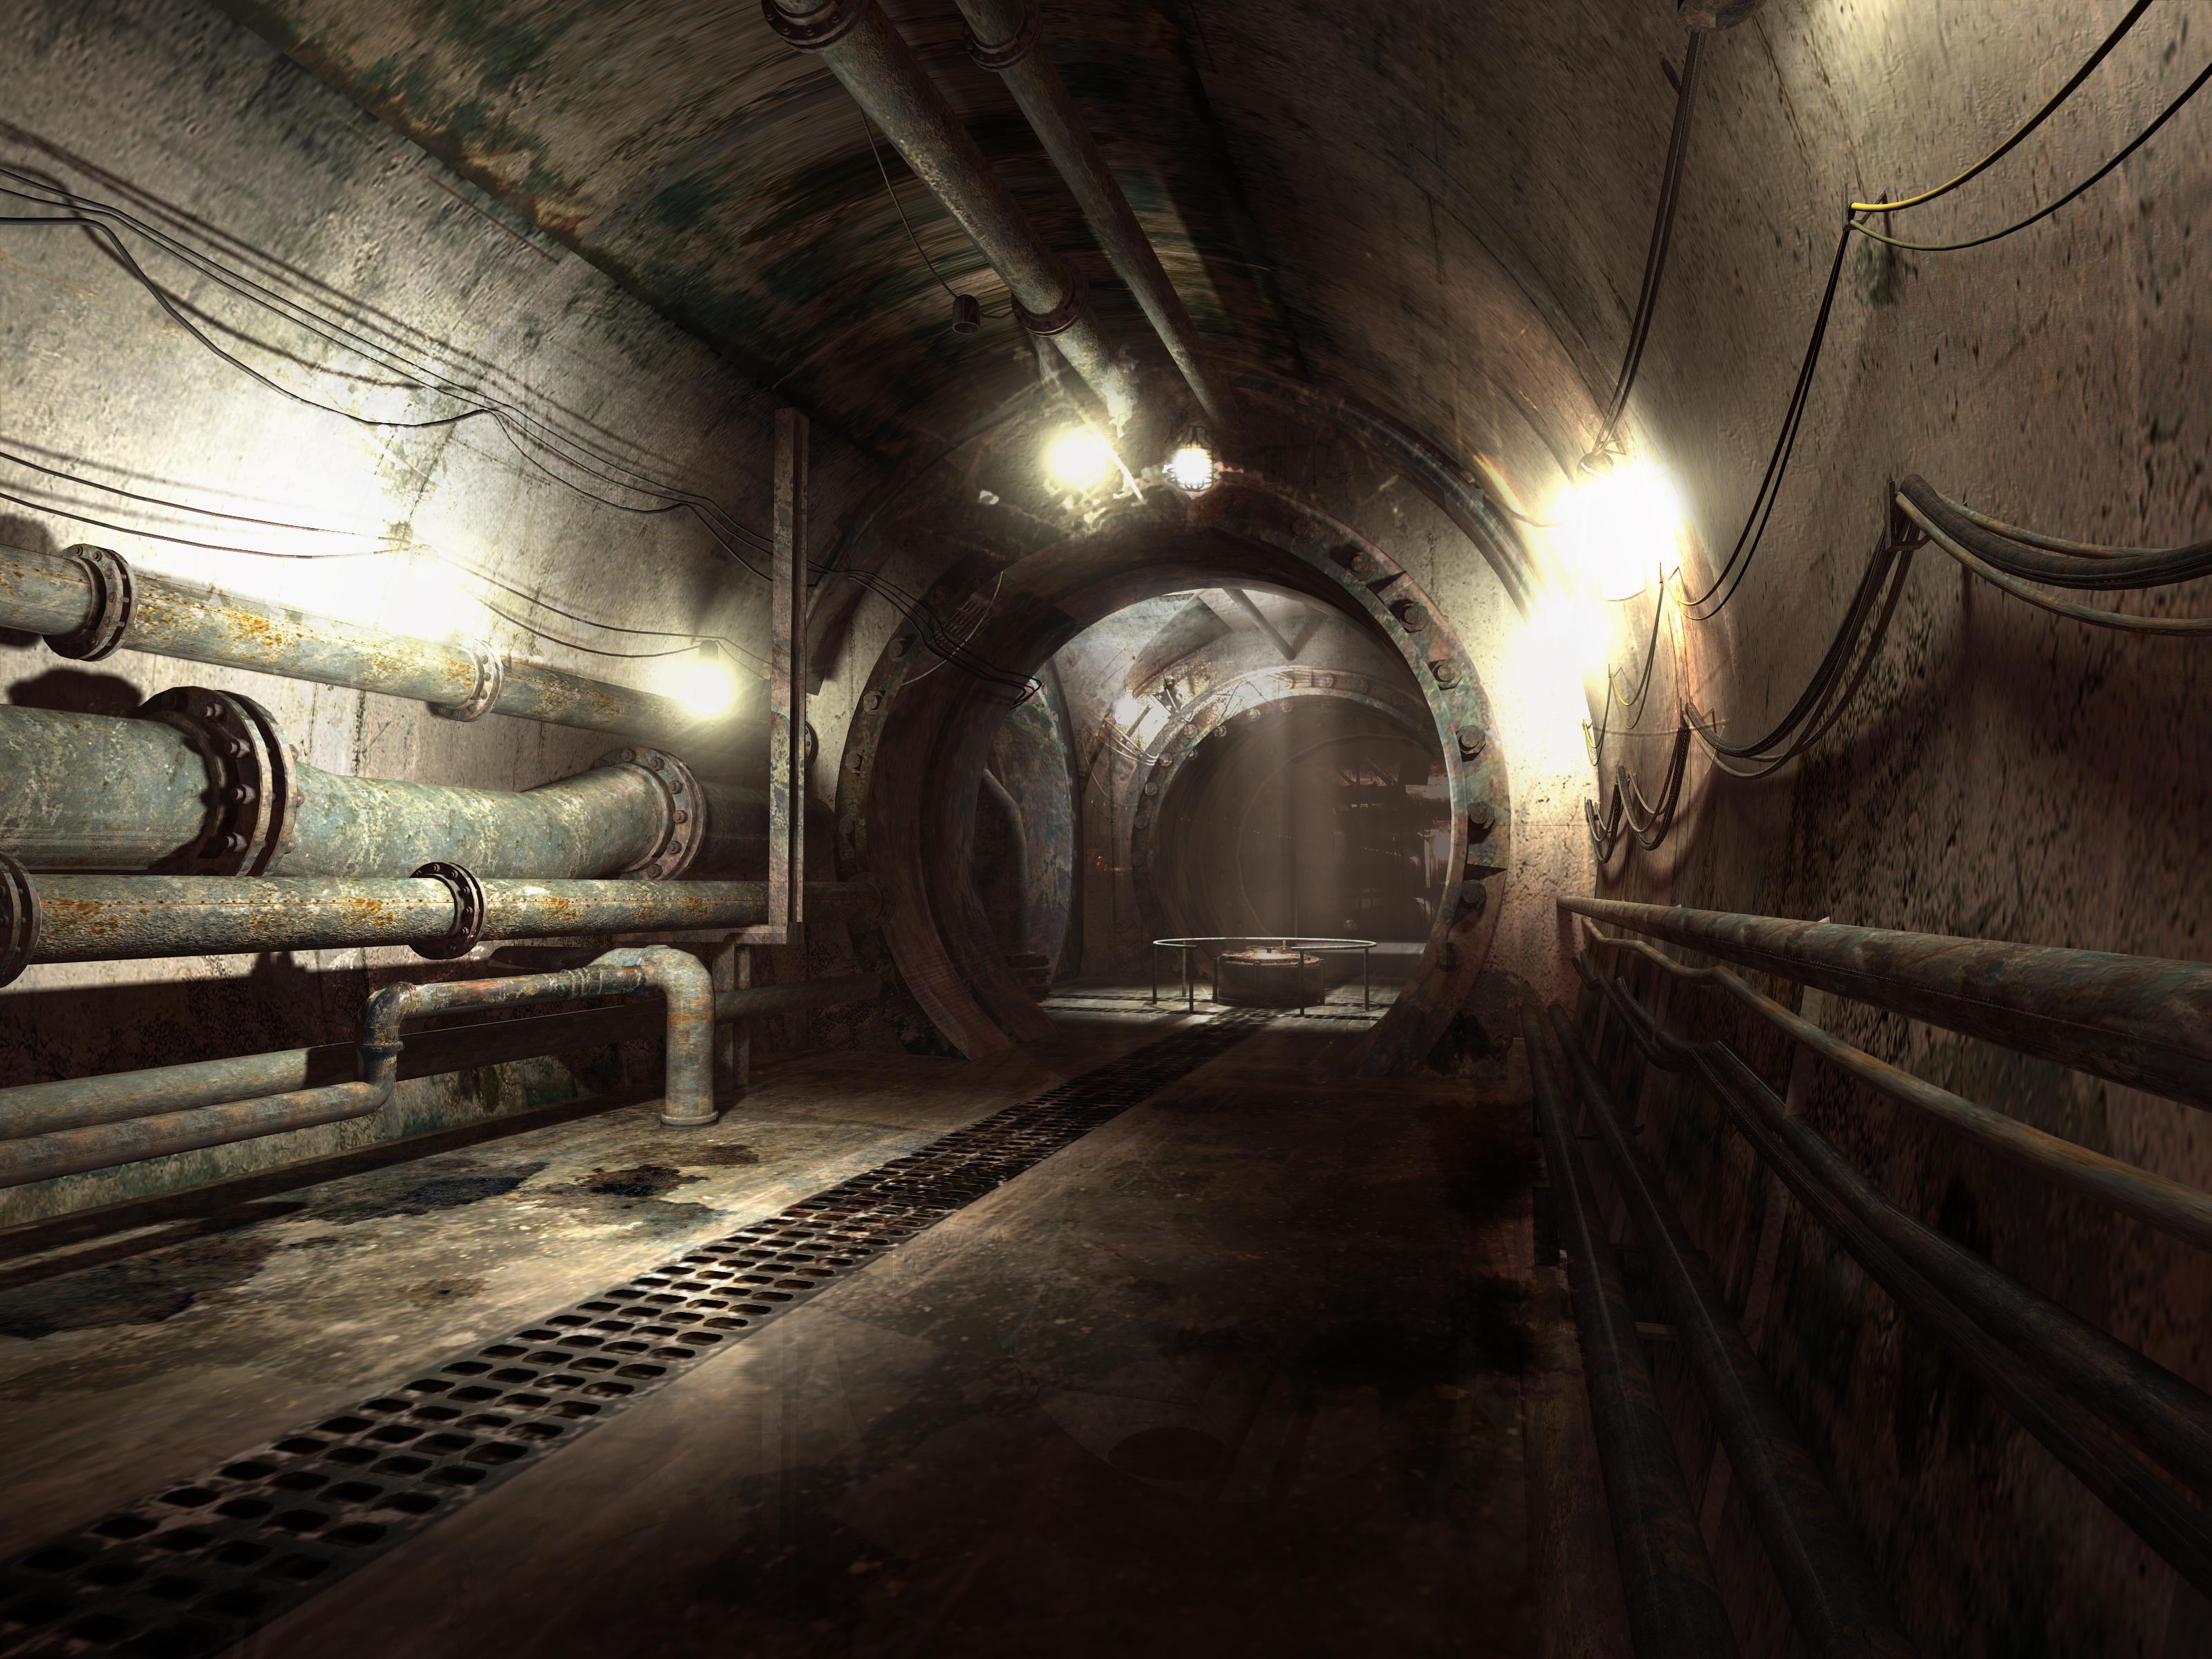 Sewer_Underground_02fR.jpg